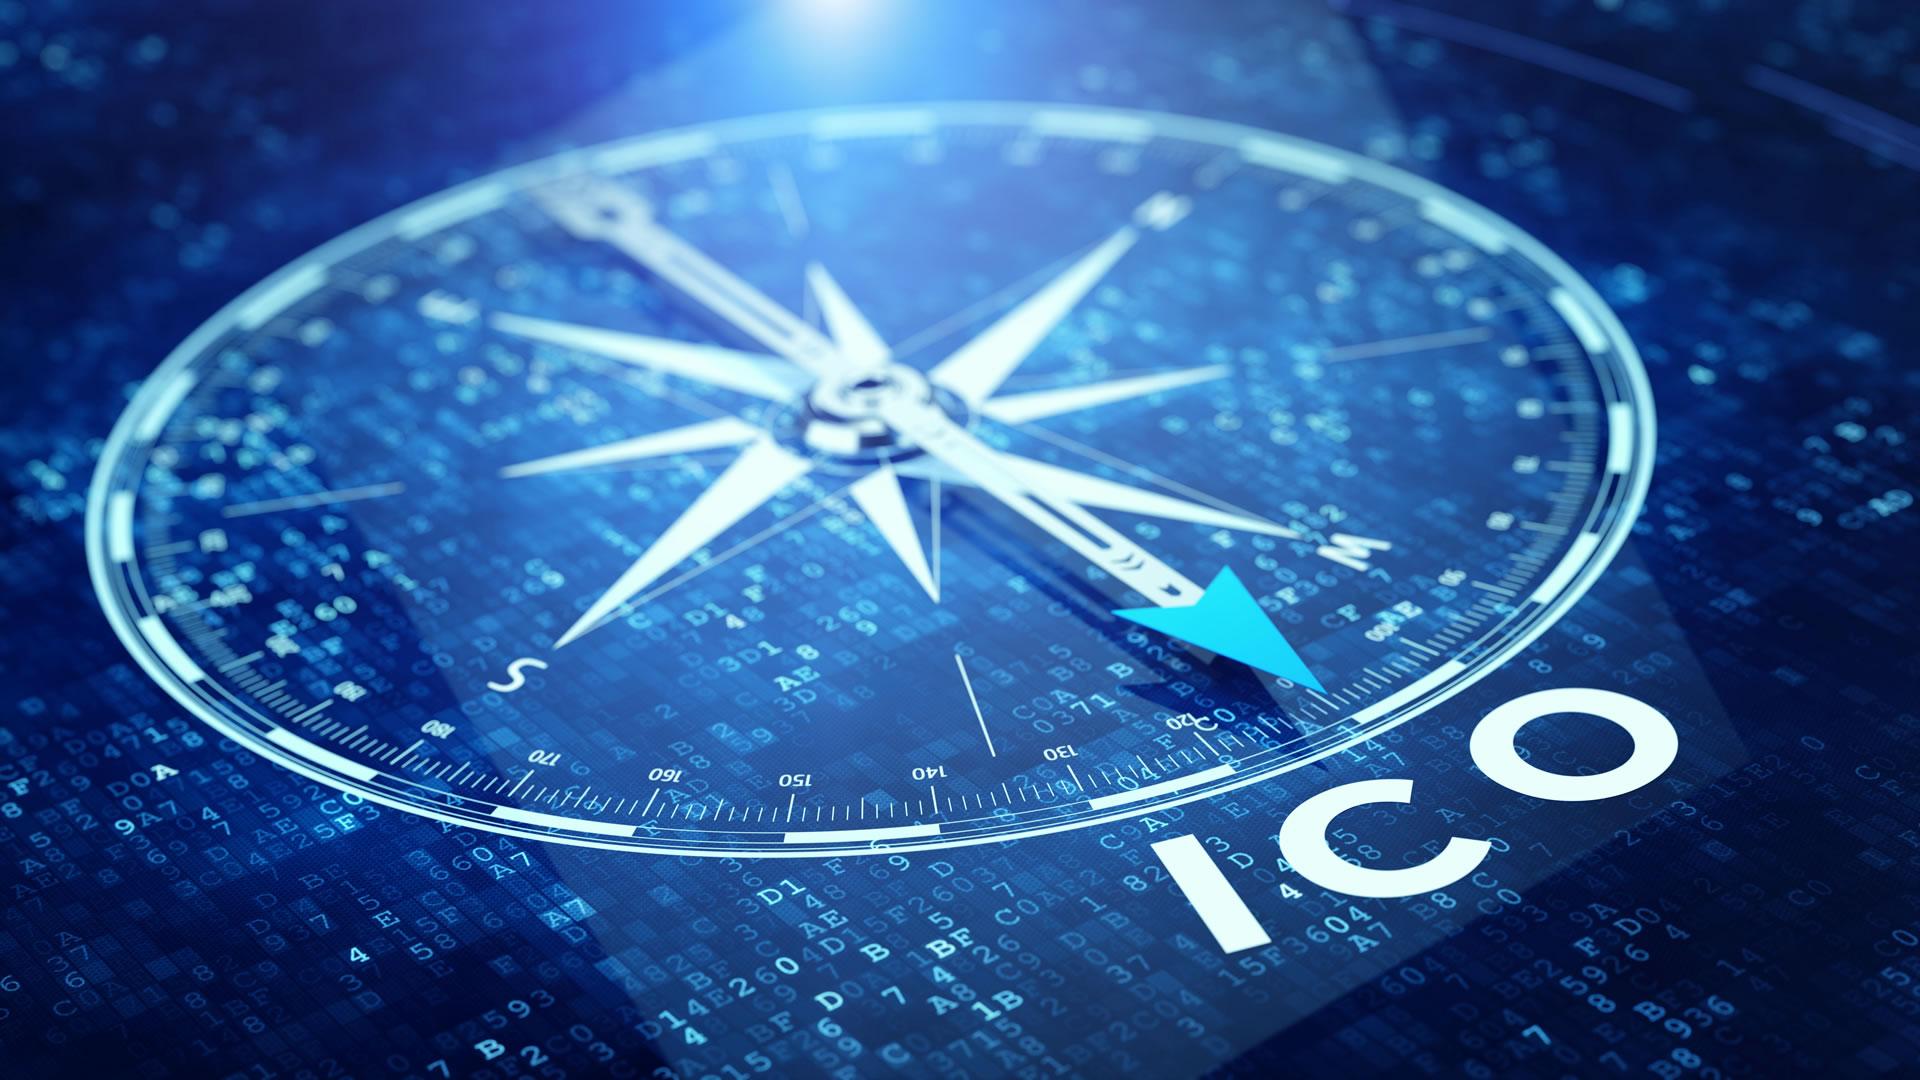 I benefici a breve termine della blockchain secondo Gartner 2018 CIO Survey  - I benefici a breve termine della blockchain secondo Gartner 2018 CIO Survey